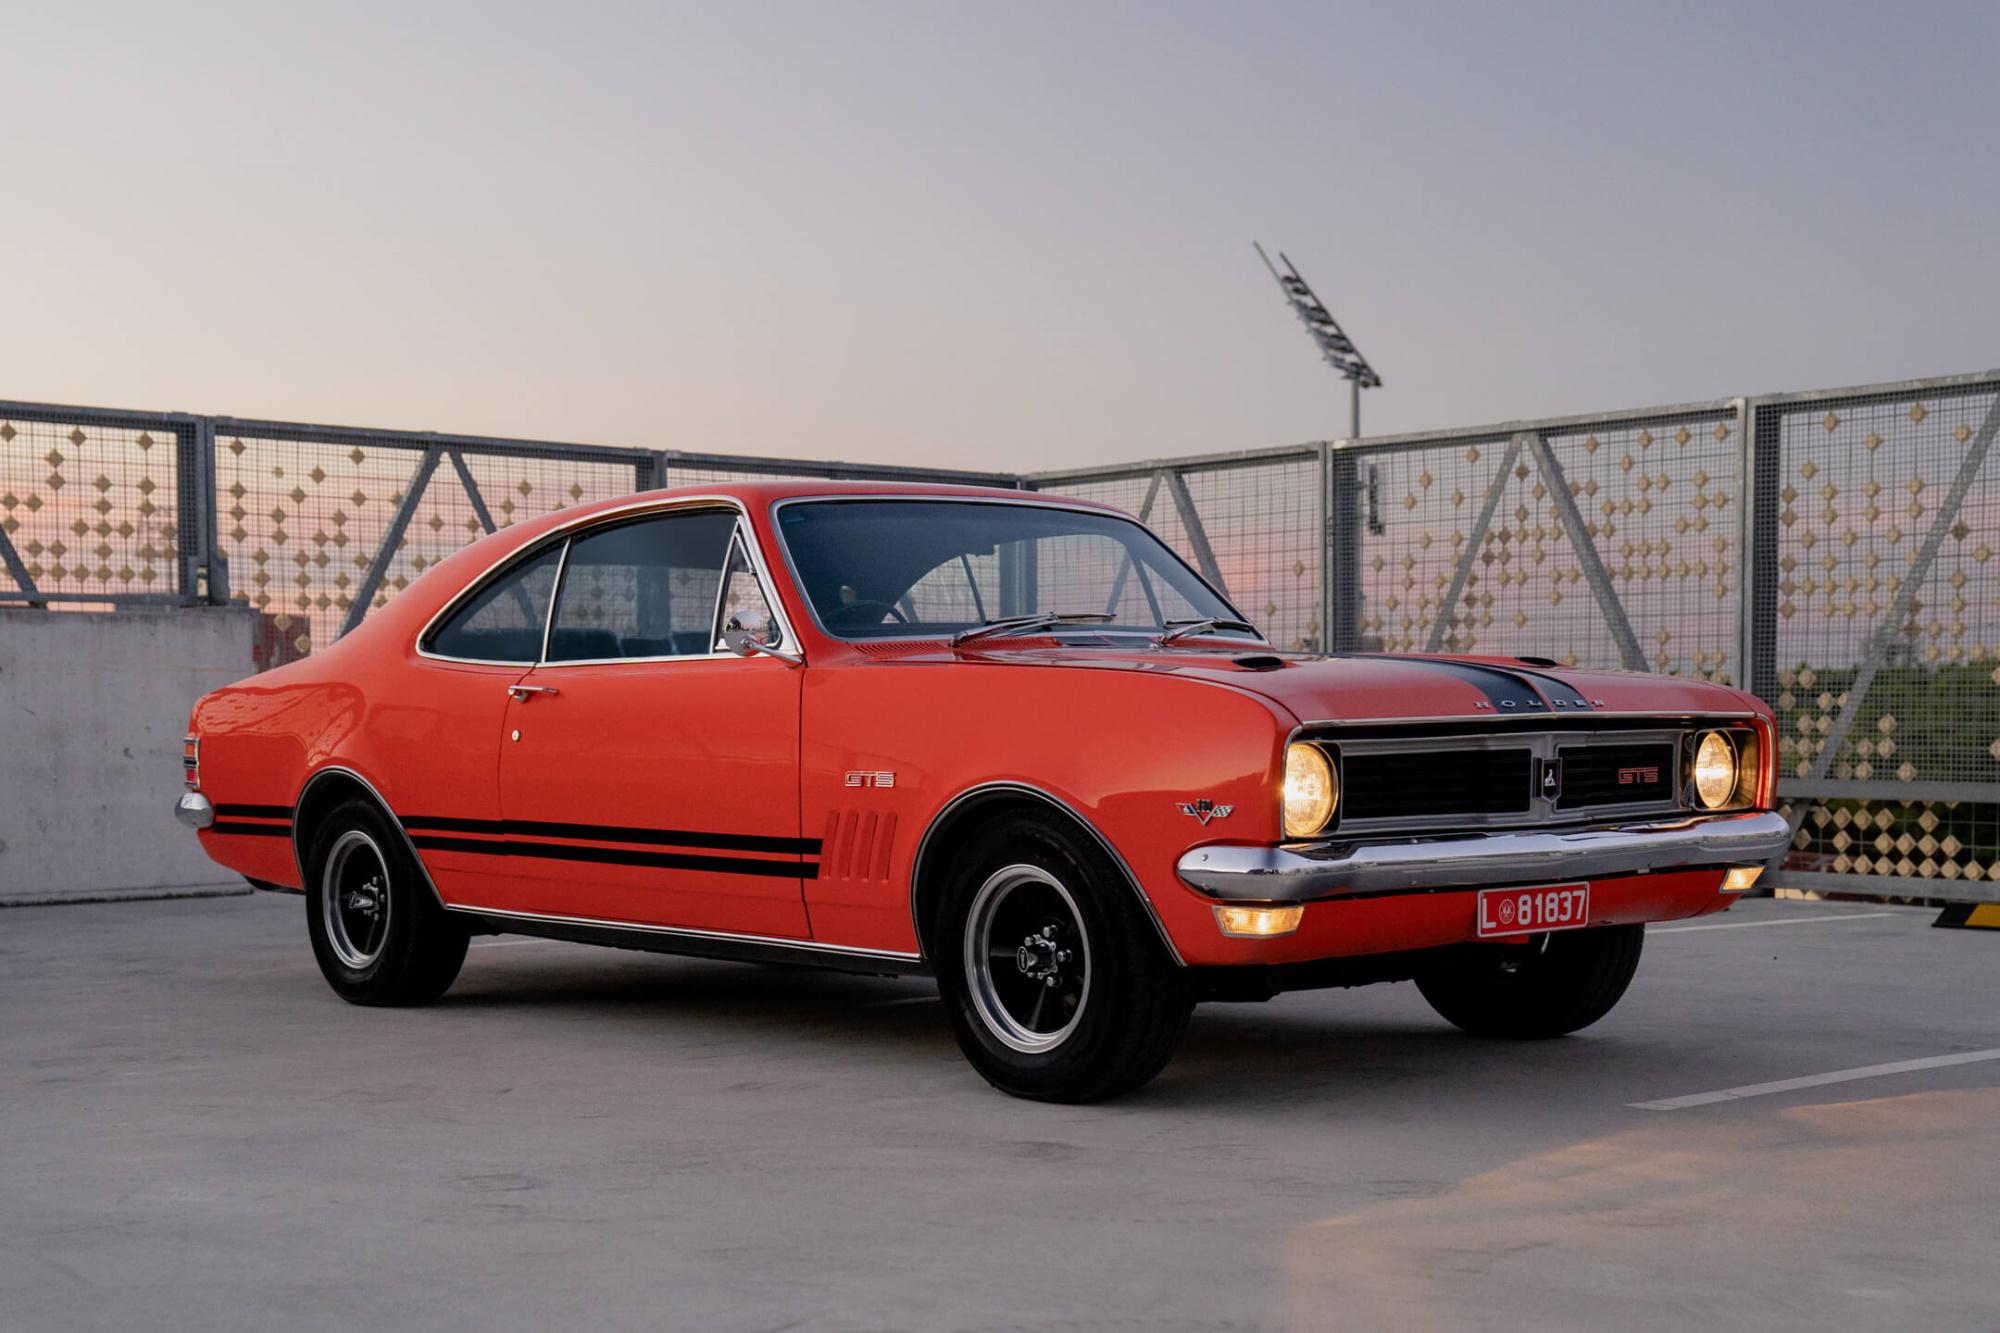 Win a 1969 Holden HT Monaro